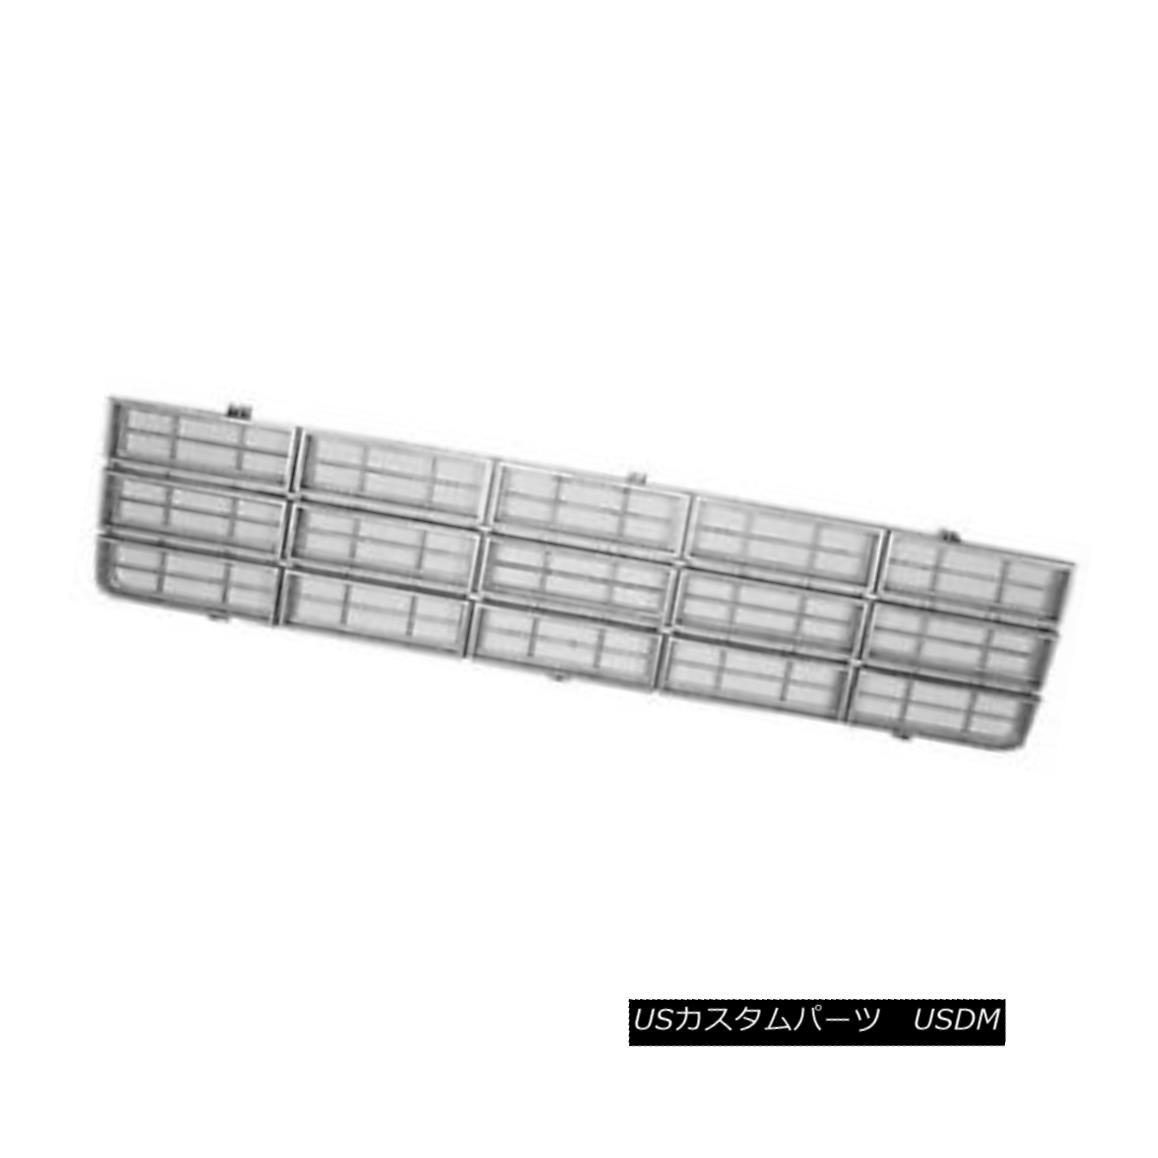 グリル New Replacement Grille Light Silver 104-00113E 新しい交換グリルライトシルバー104-00113E